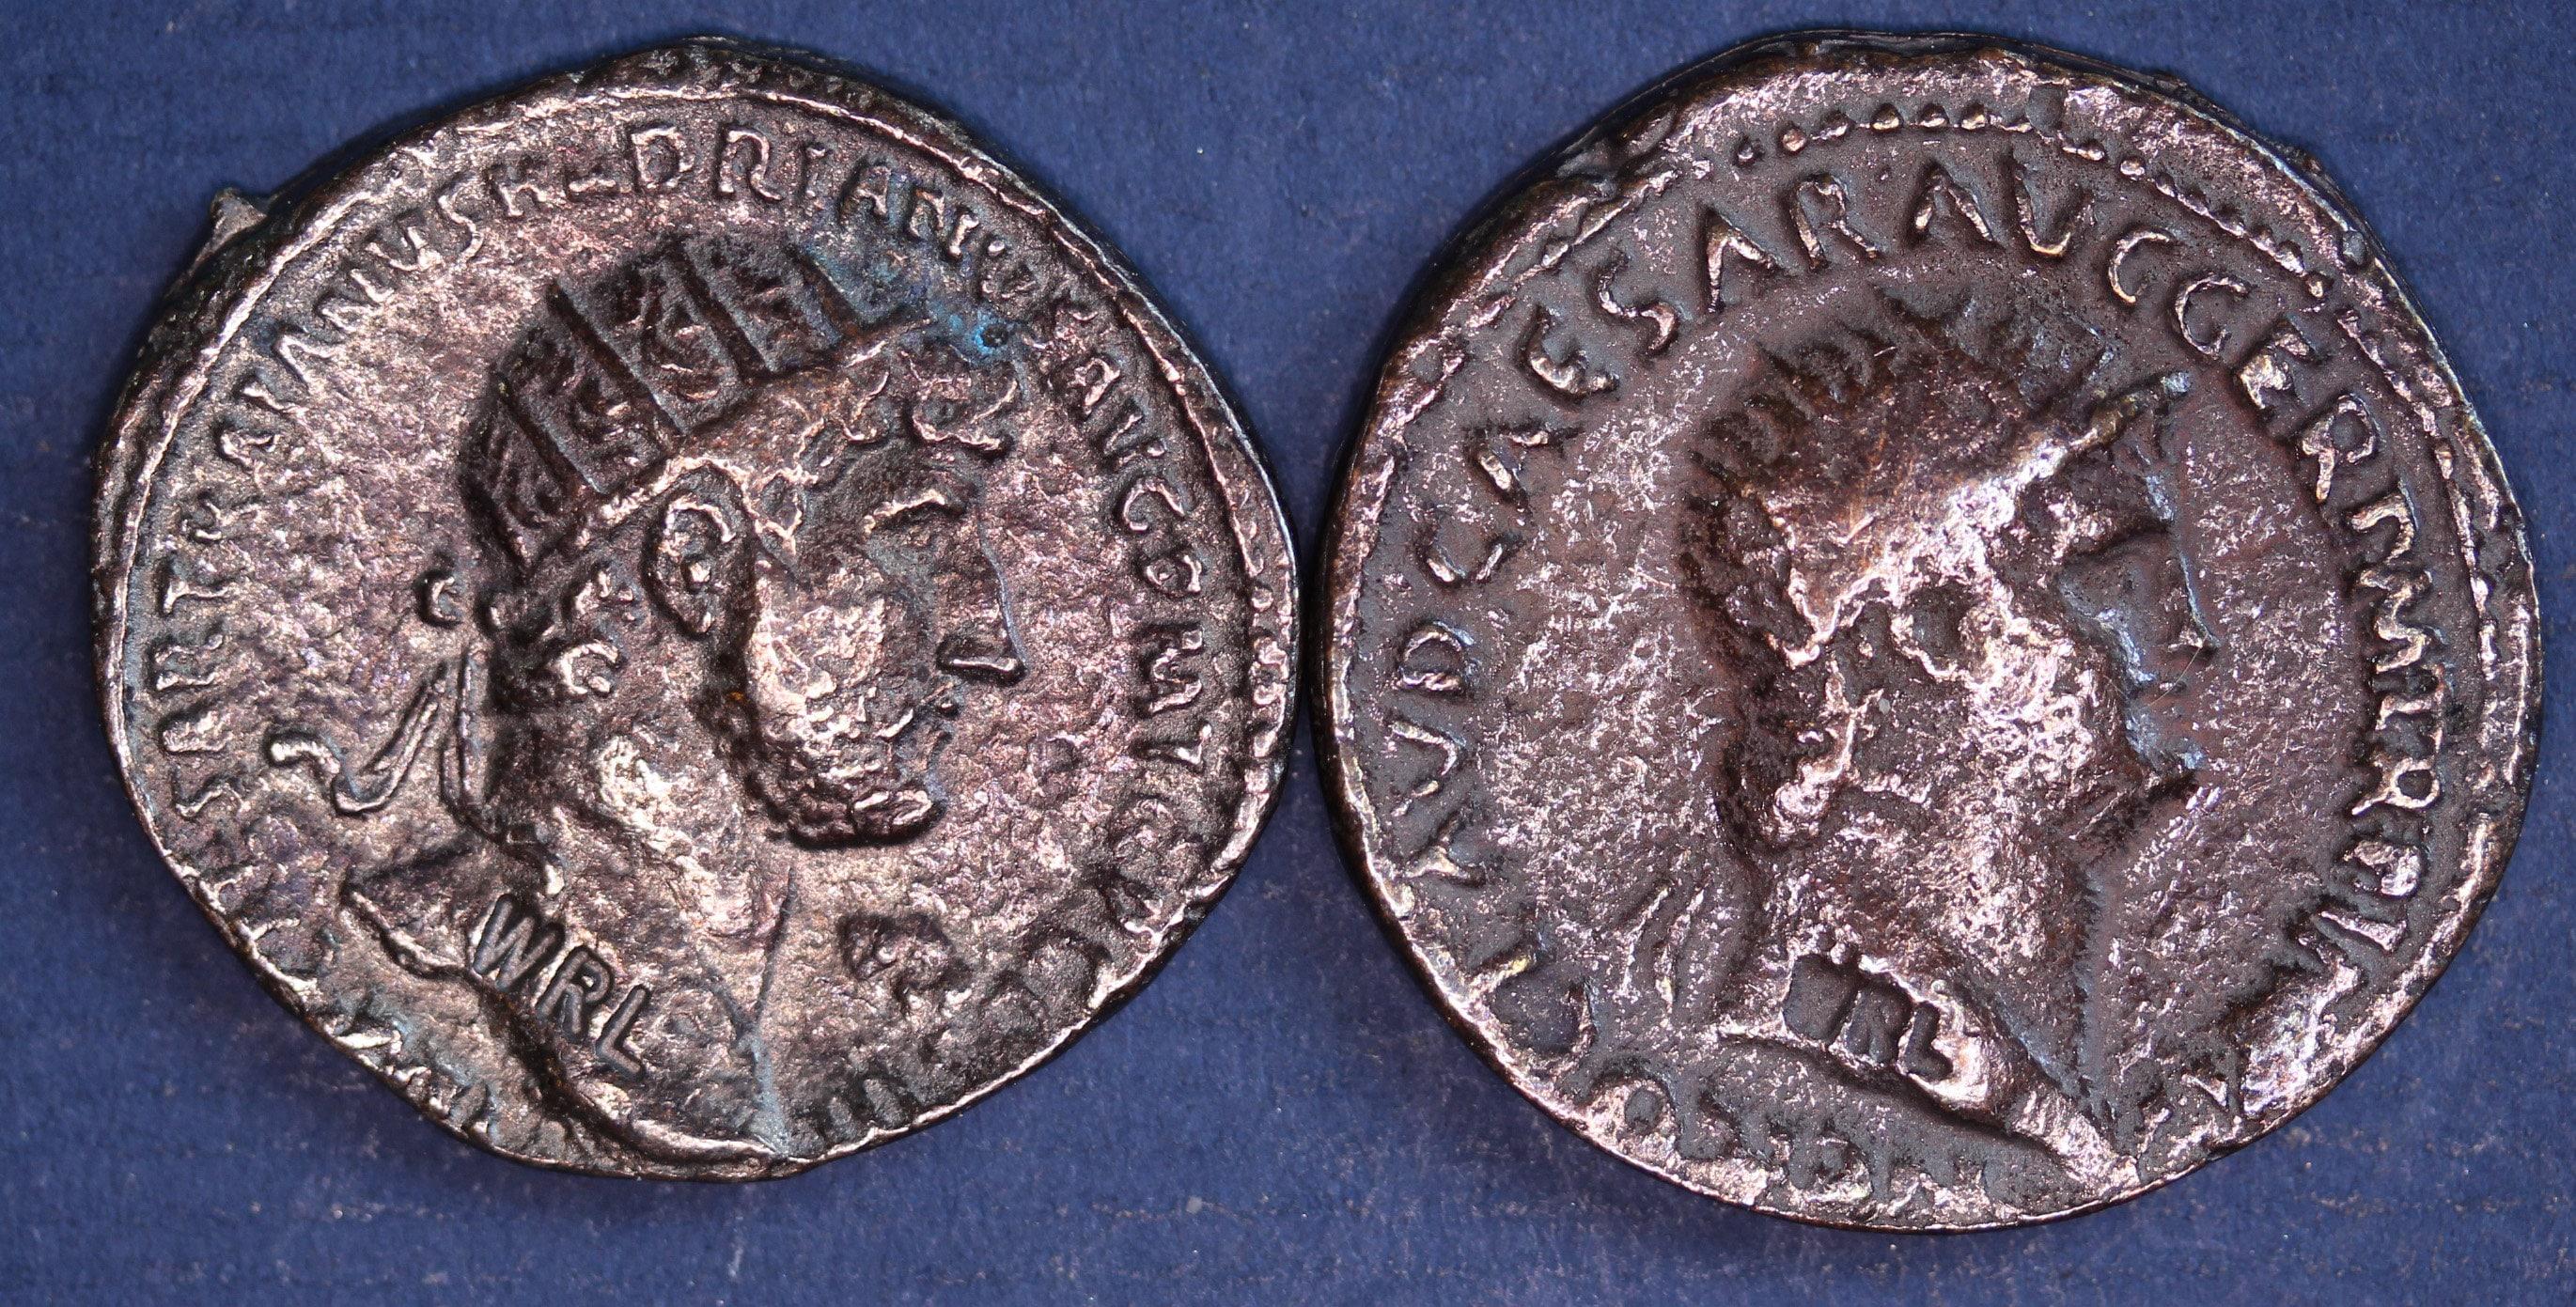 2 Reproduktion Römische Münzen Als Dupondius Nero Hadrian Etsy